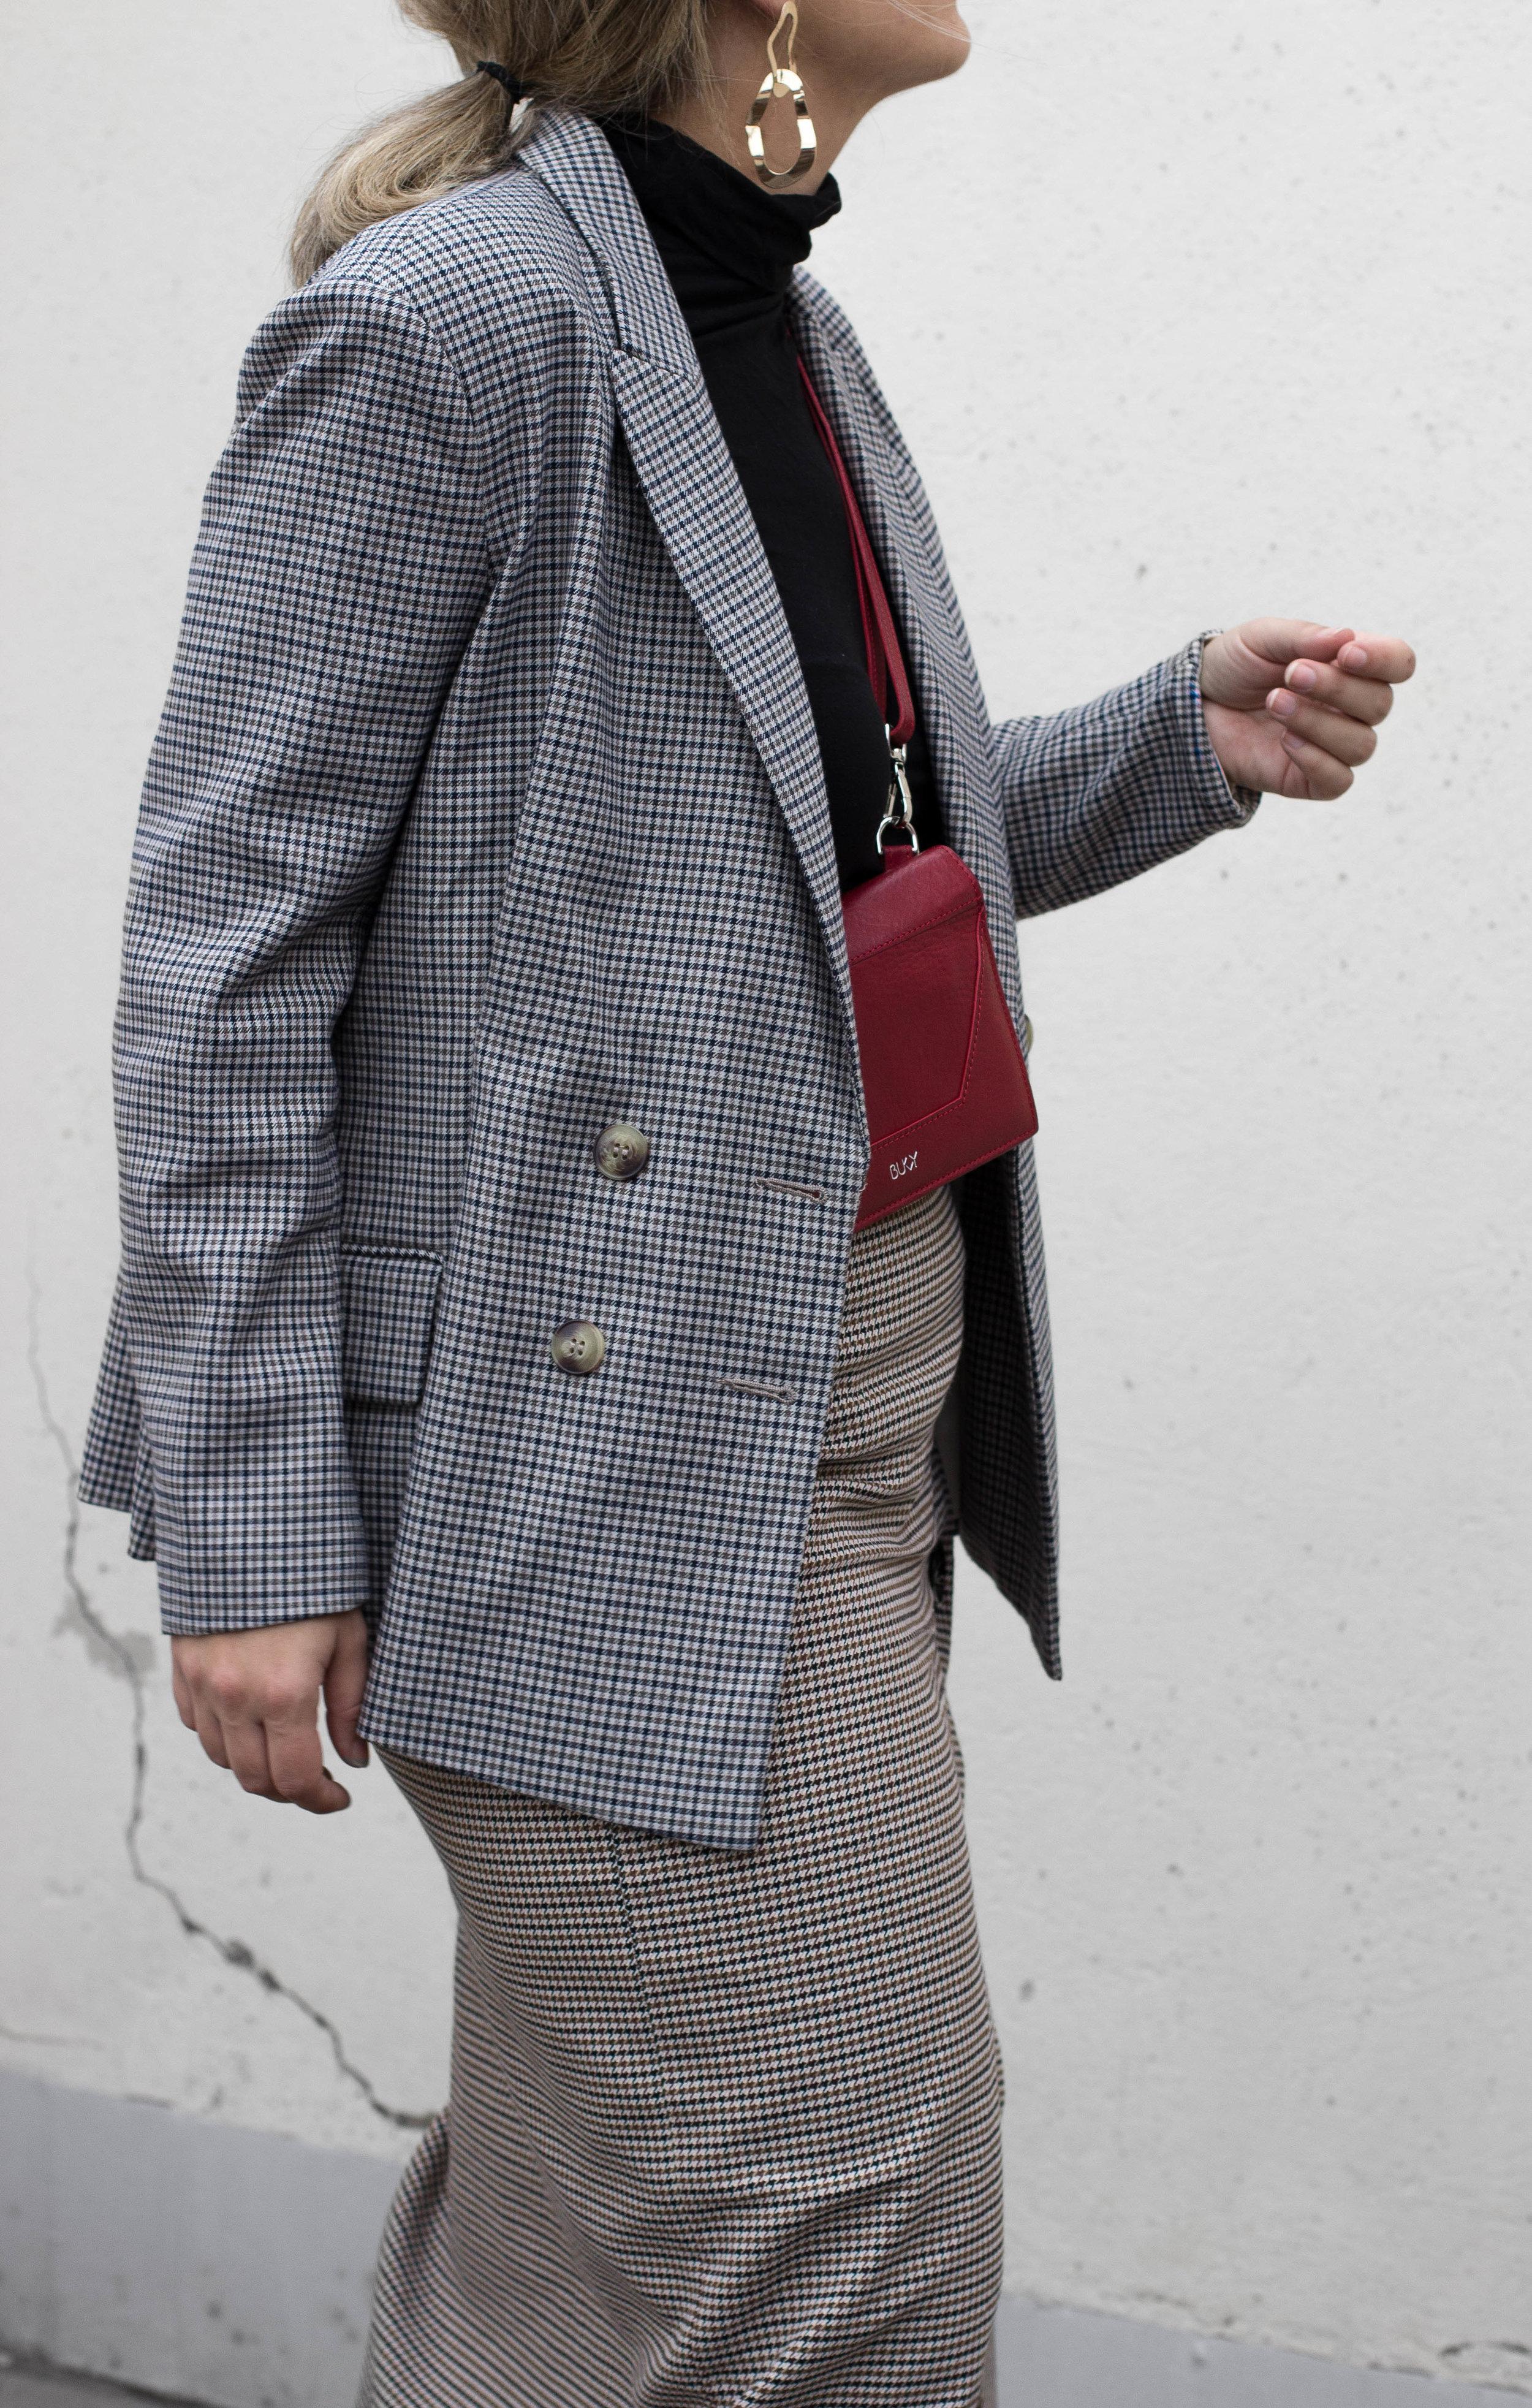 Blazer H&M, Skirt ZARA, Top ZARA, Earigs  Glitter , Bag  BUKVY